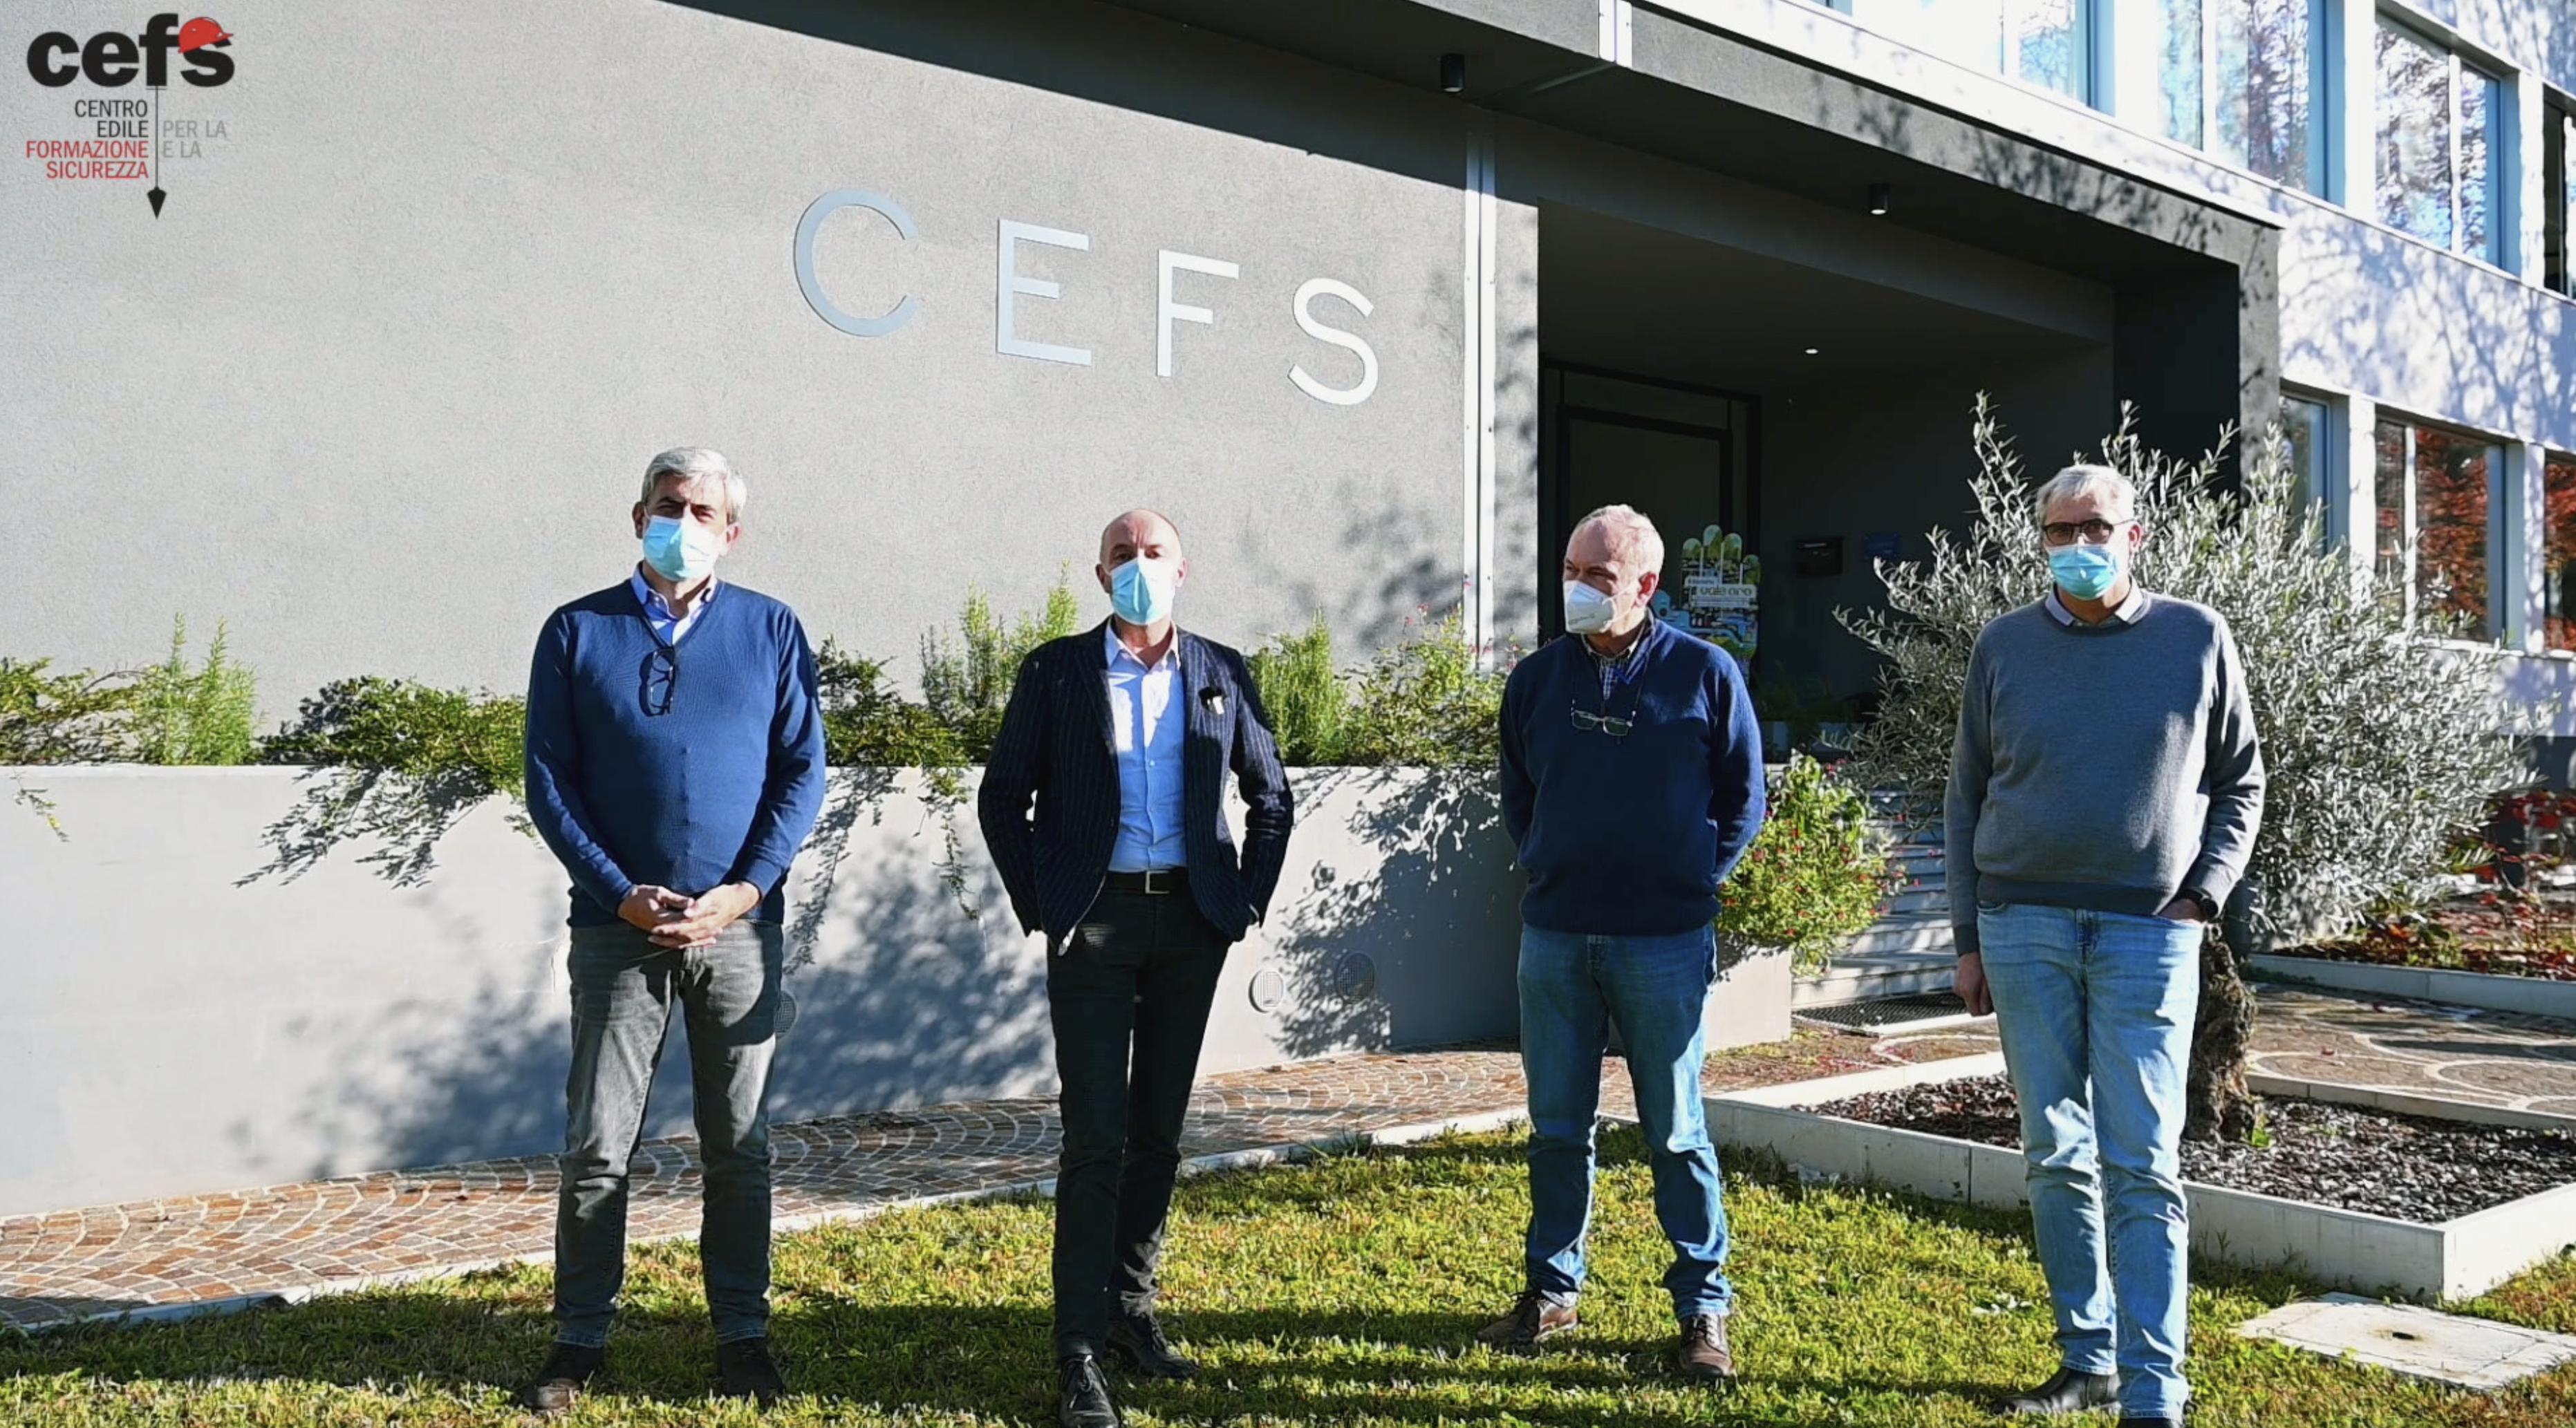 video cefs sulla sicurezza covid in cantiere